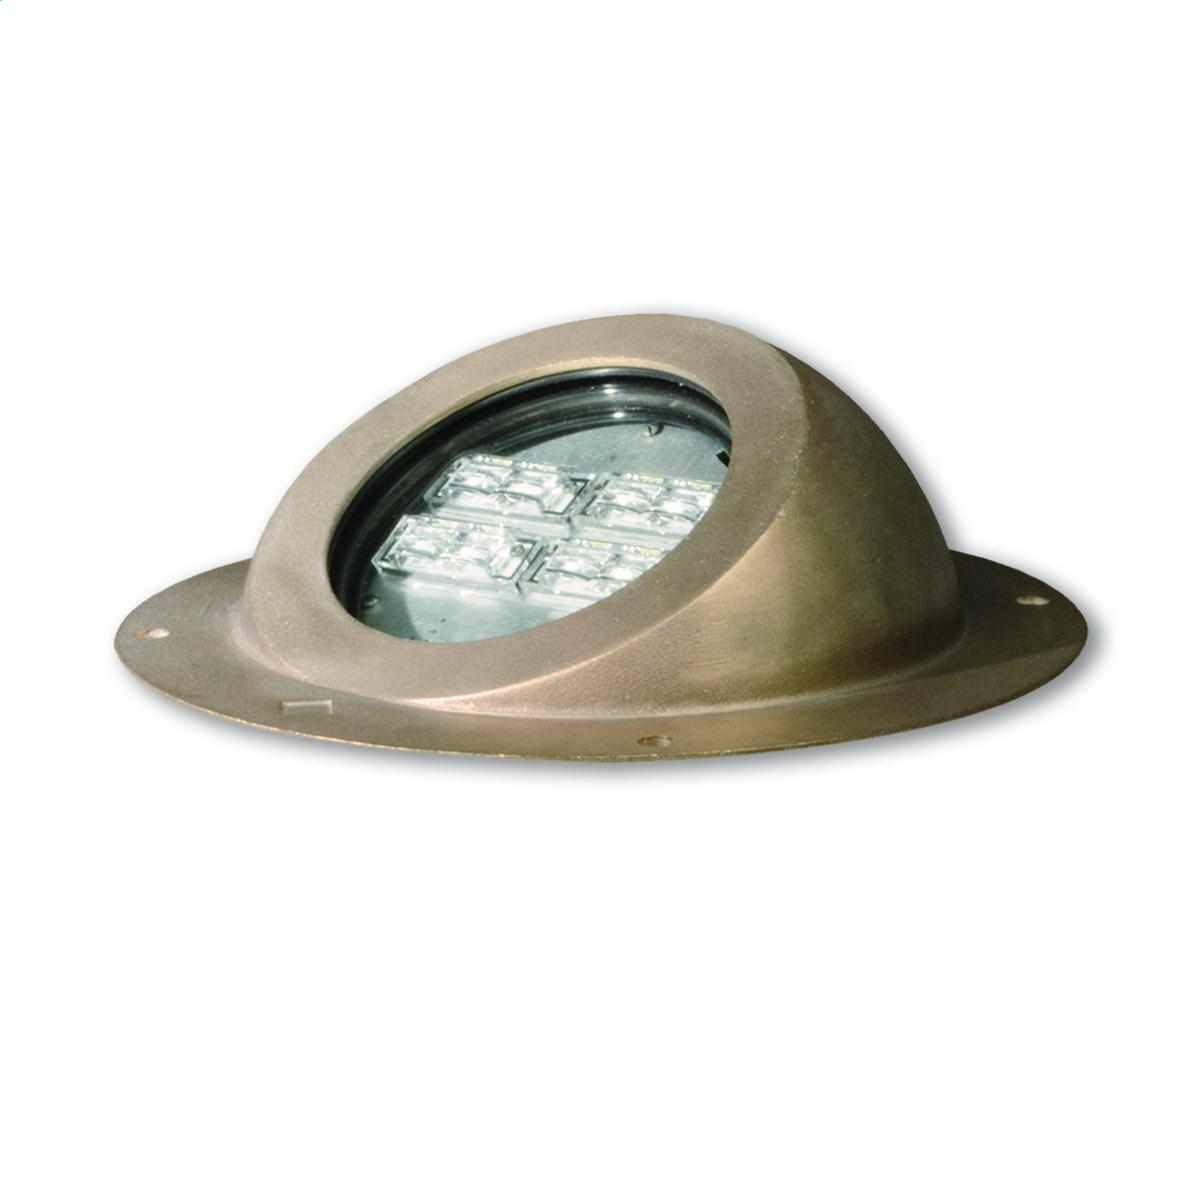 Lightvault®8 Eyeball